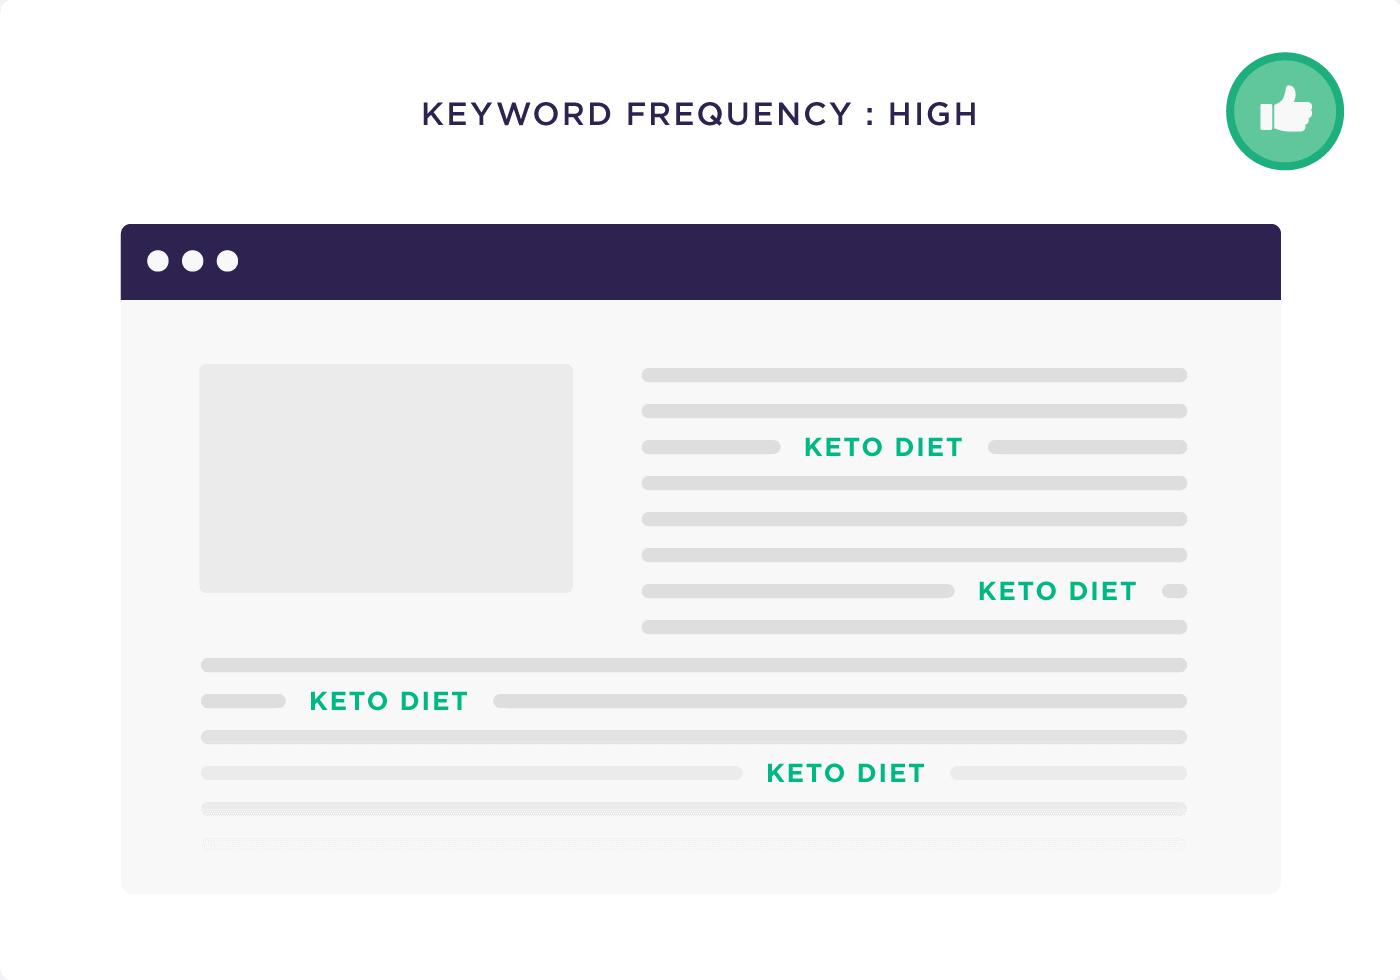 Keyword frequency : High